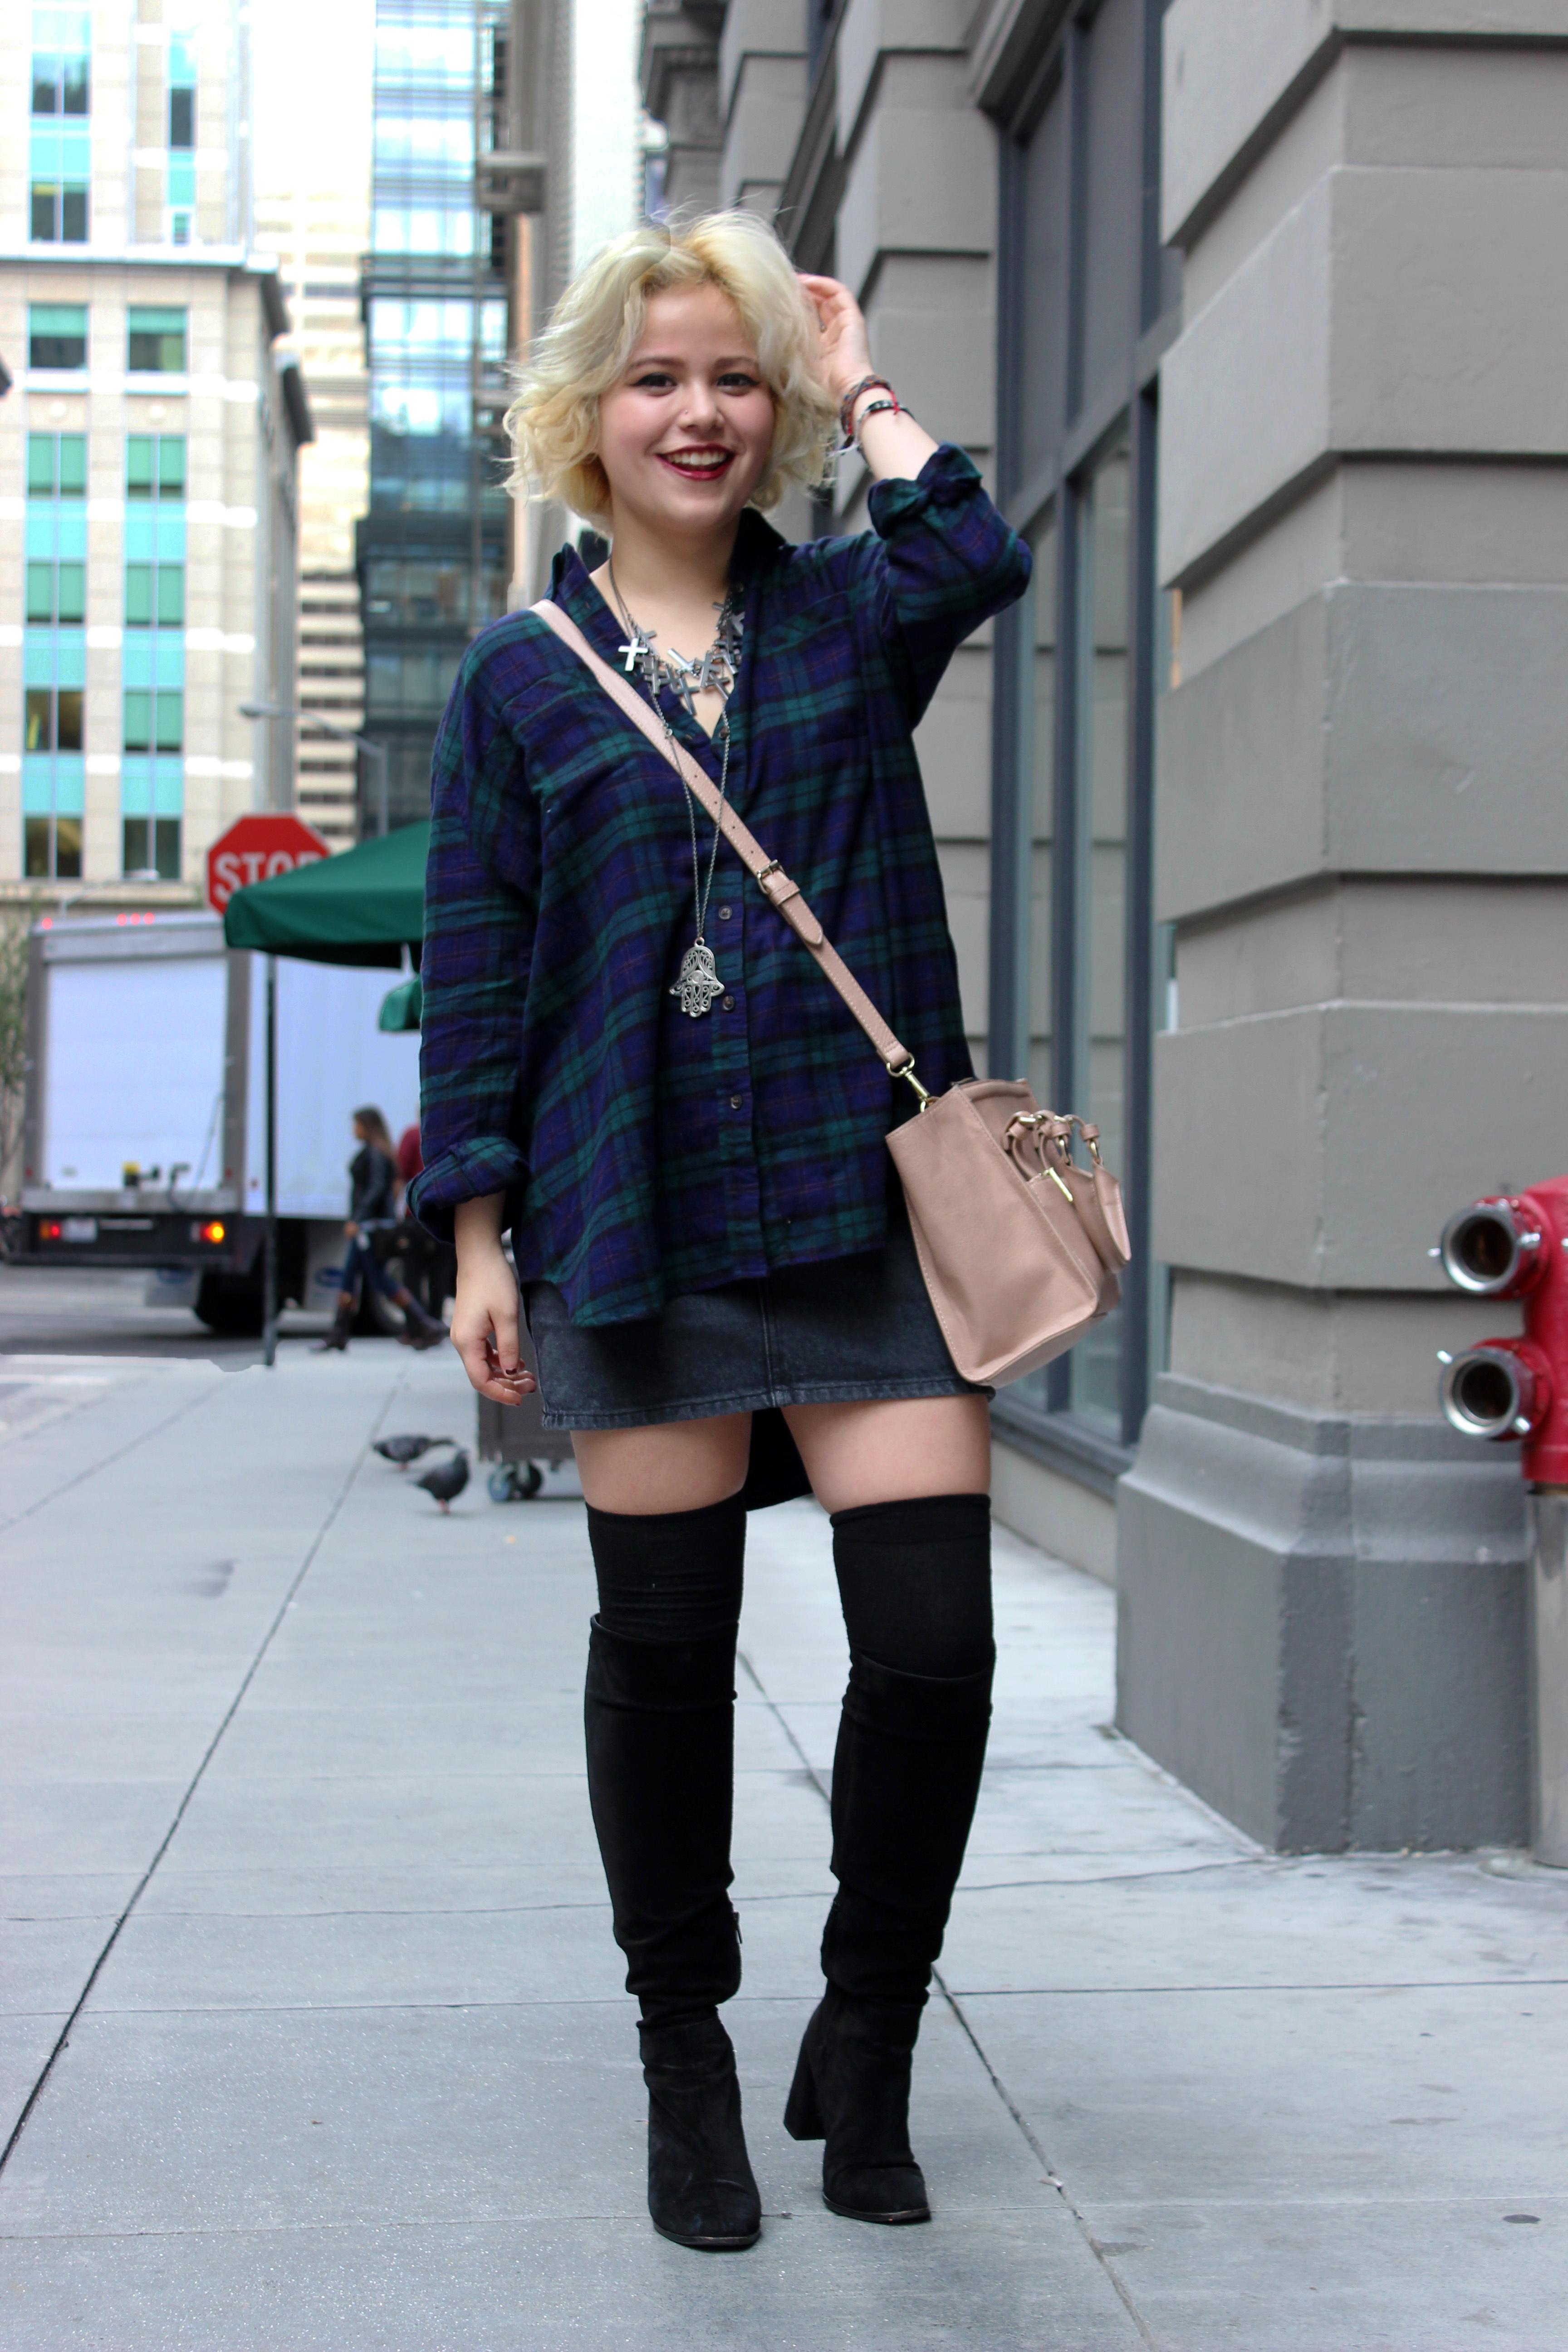 выбору темно синие сапоги с черным коротким платьем выбирать более обтягивающее